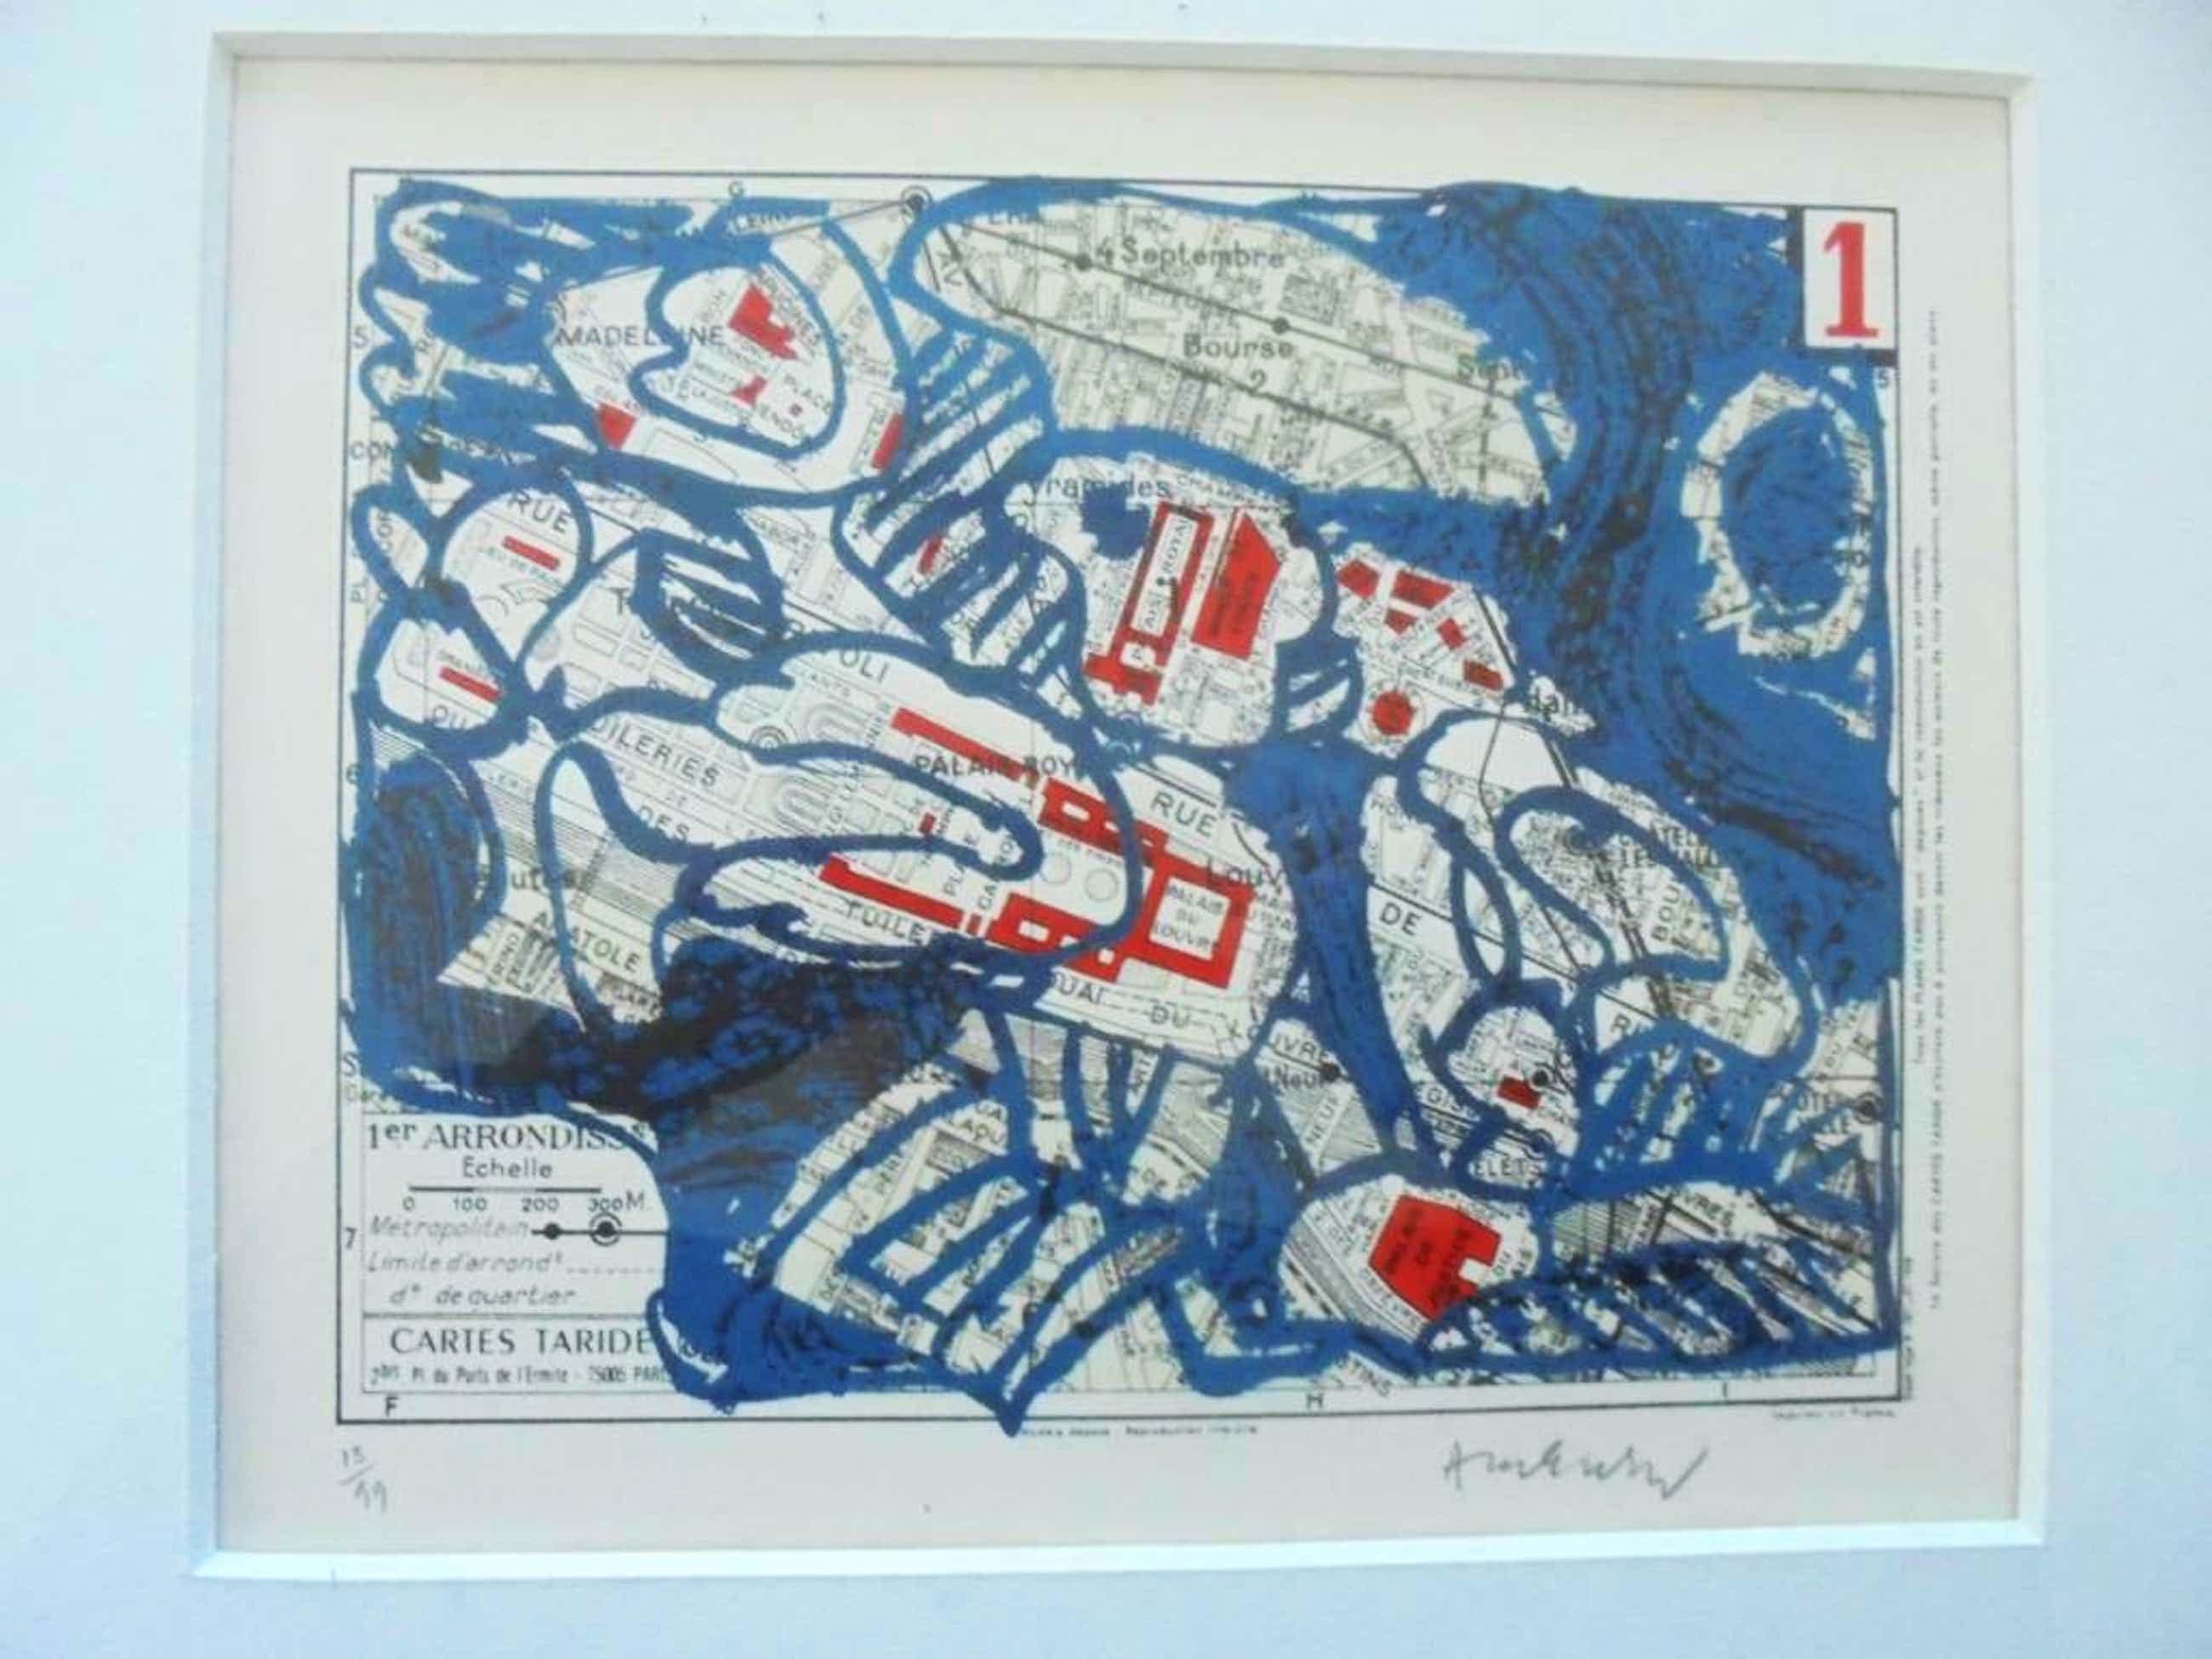 Pierre Alechinsky - Paris, Arrondissement 1 - 1983 - oplage 99 kopen? Bied vanaf 650!